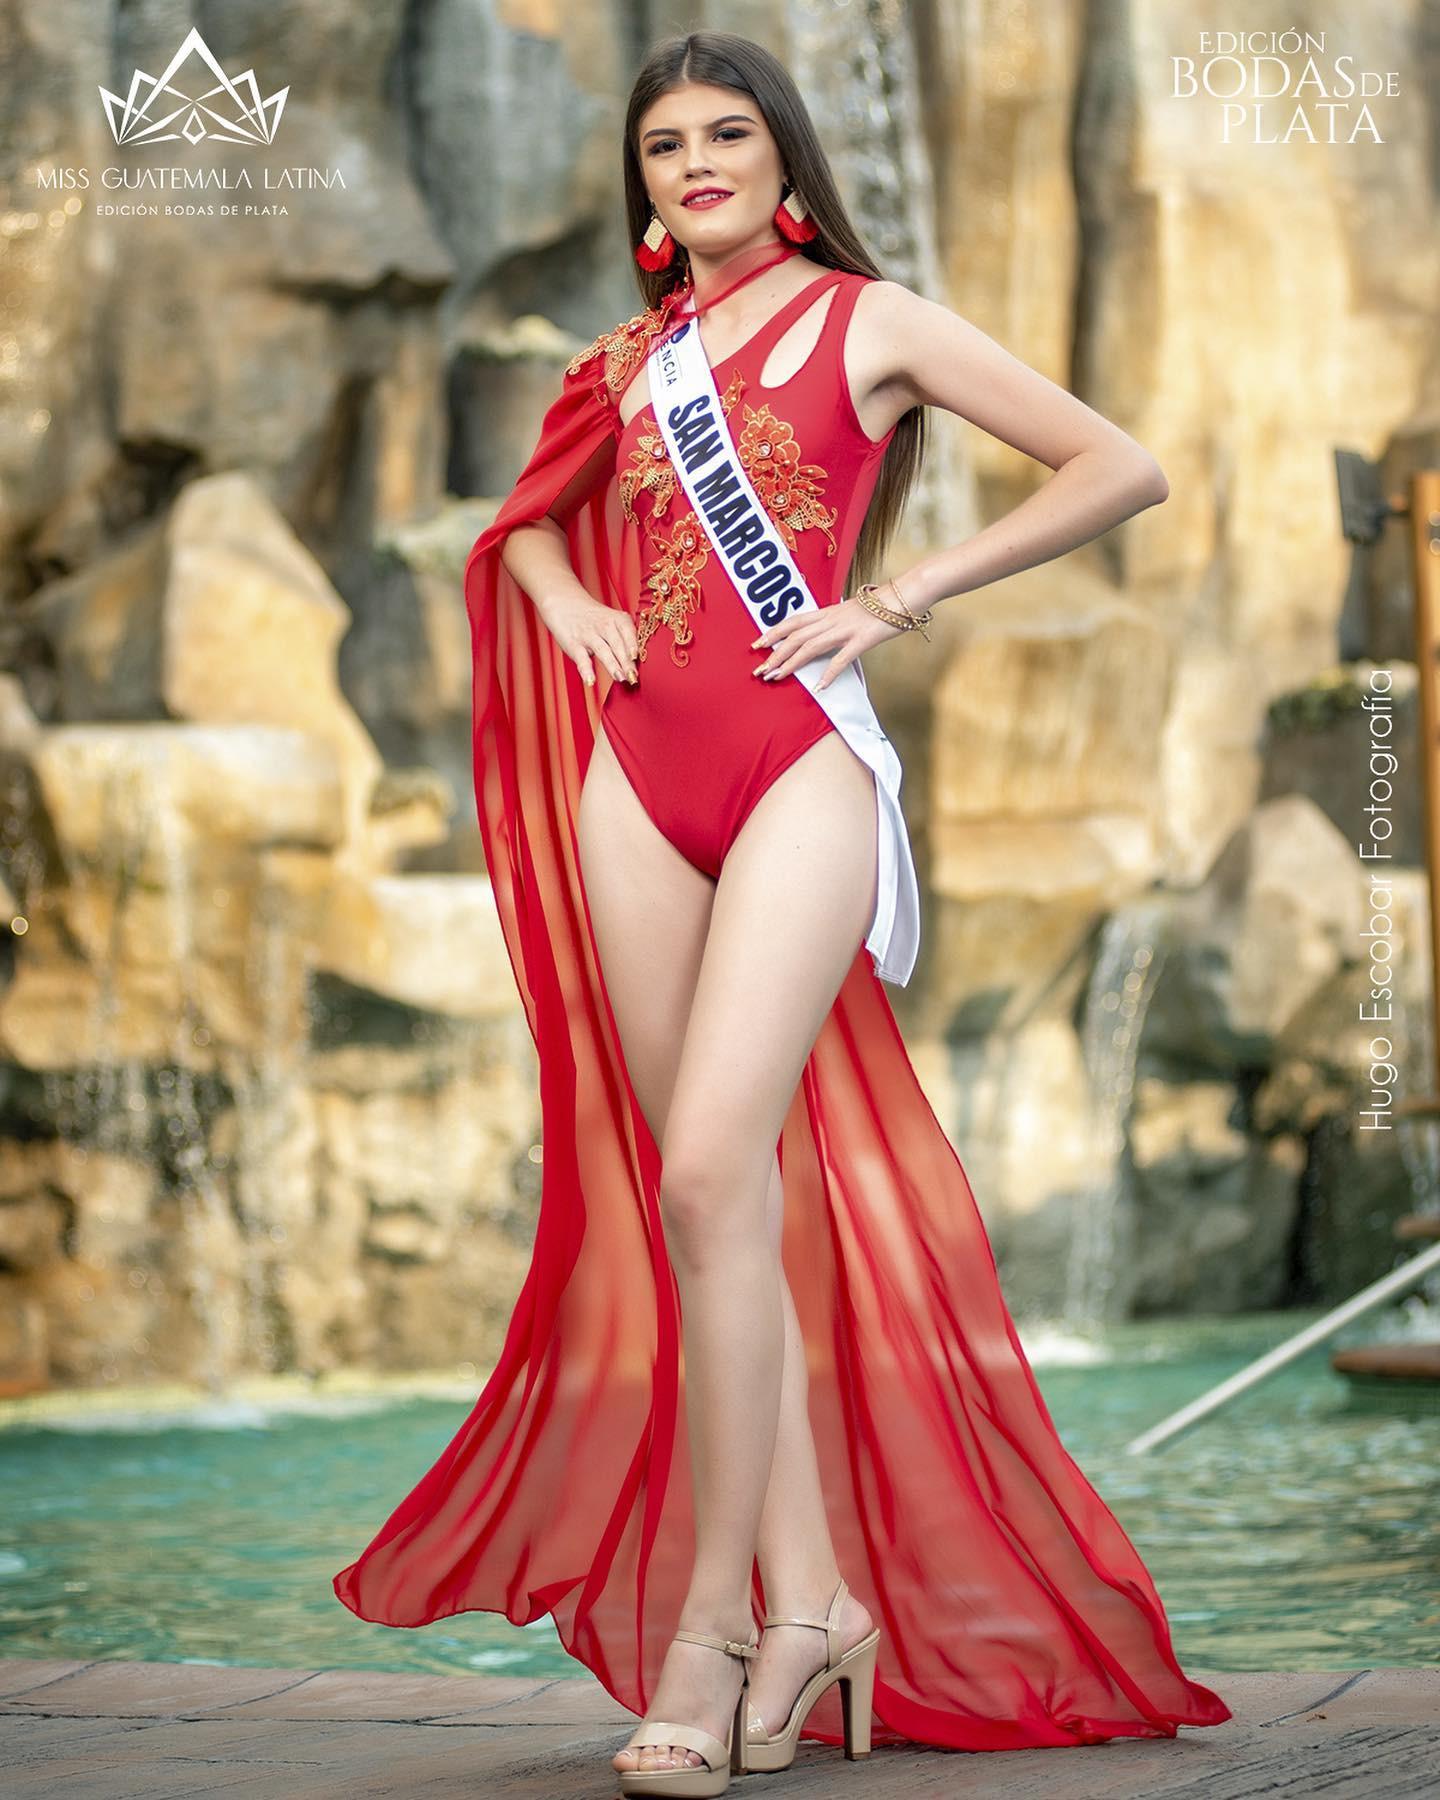 candidatas a miss guatemala latina 2021. final: 30 de abril. - Página 12 BB6Zyg